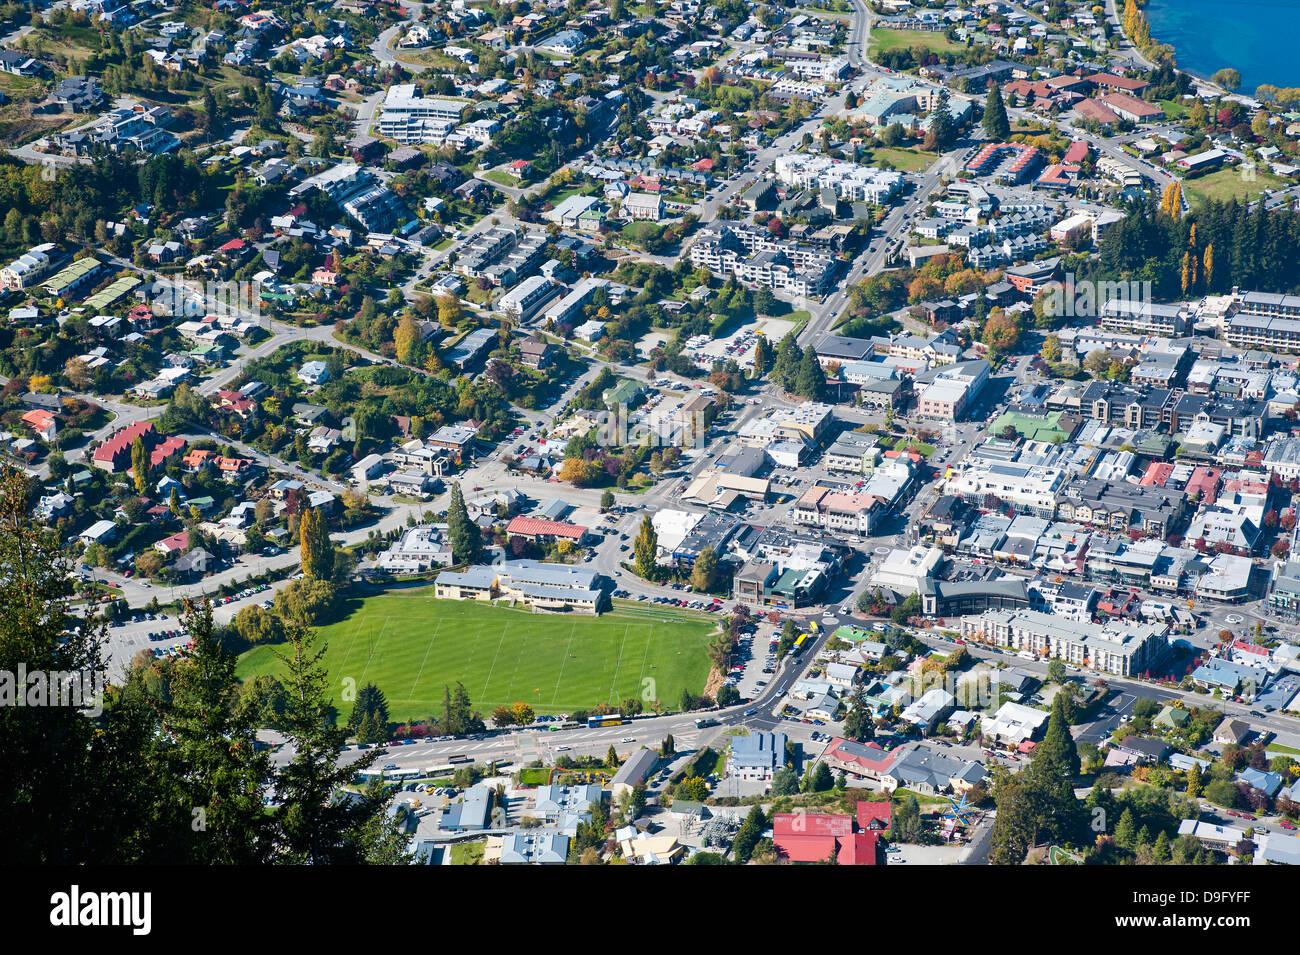 Luftaufnahme von Queenstown, Otago, Südinsel, Neuseeland Stockbild